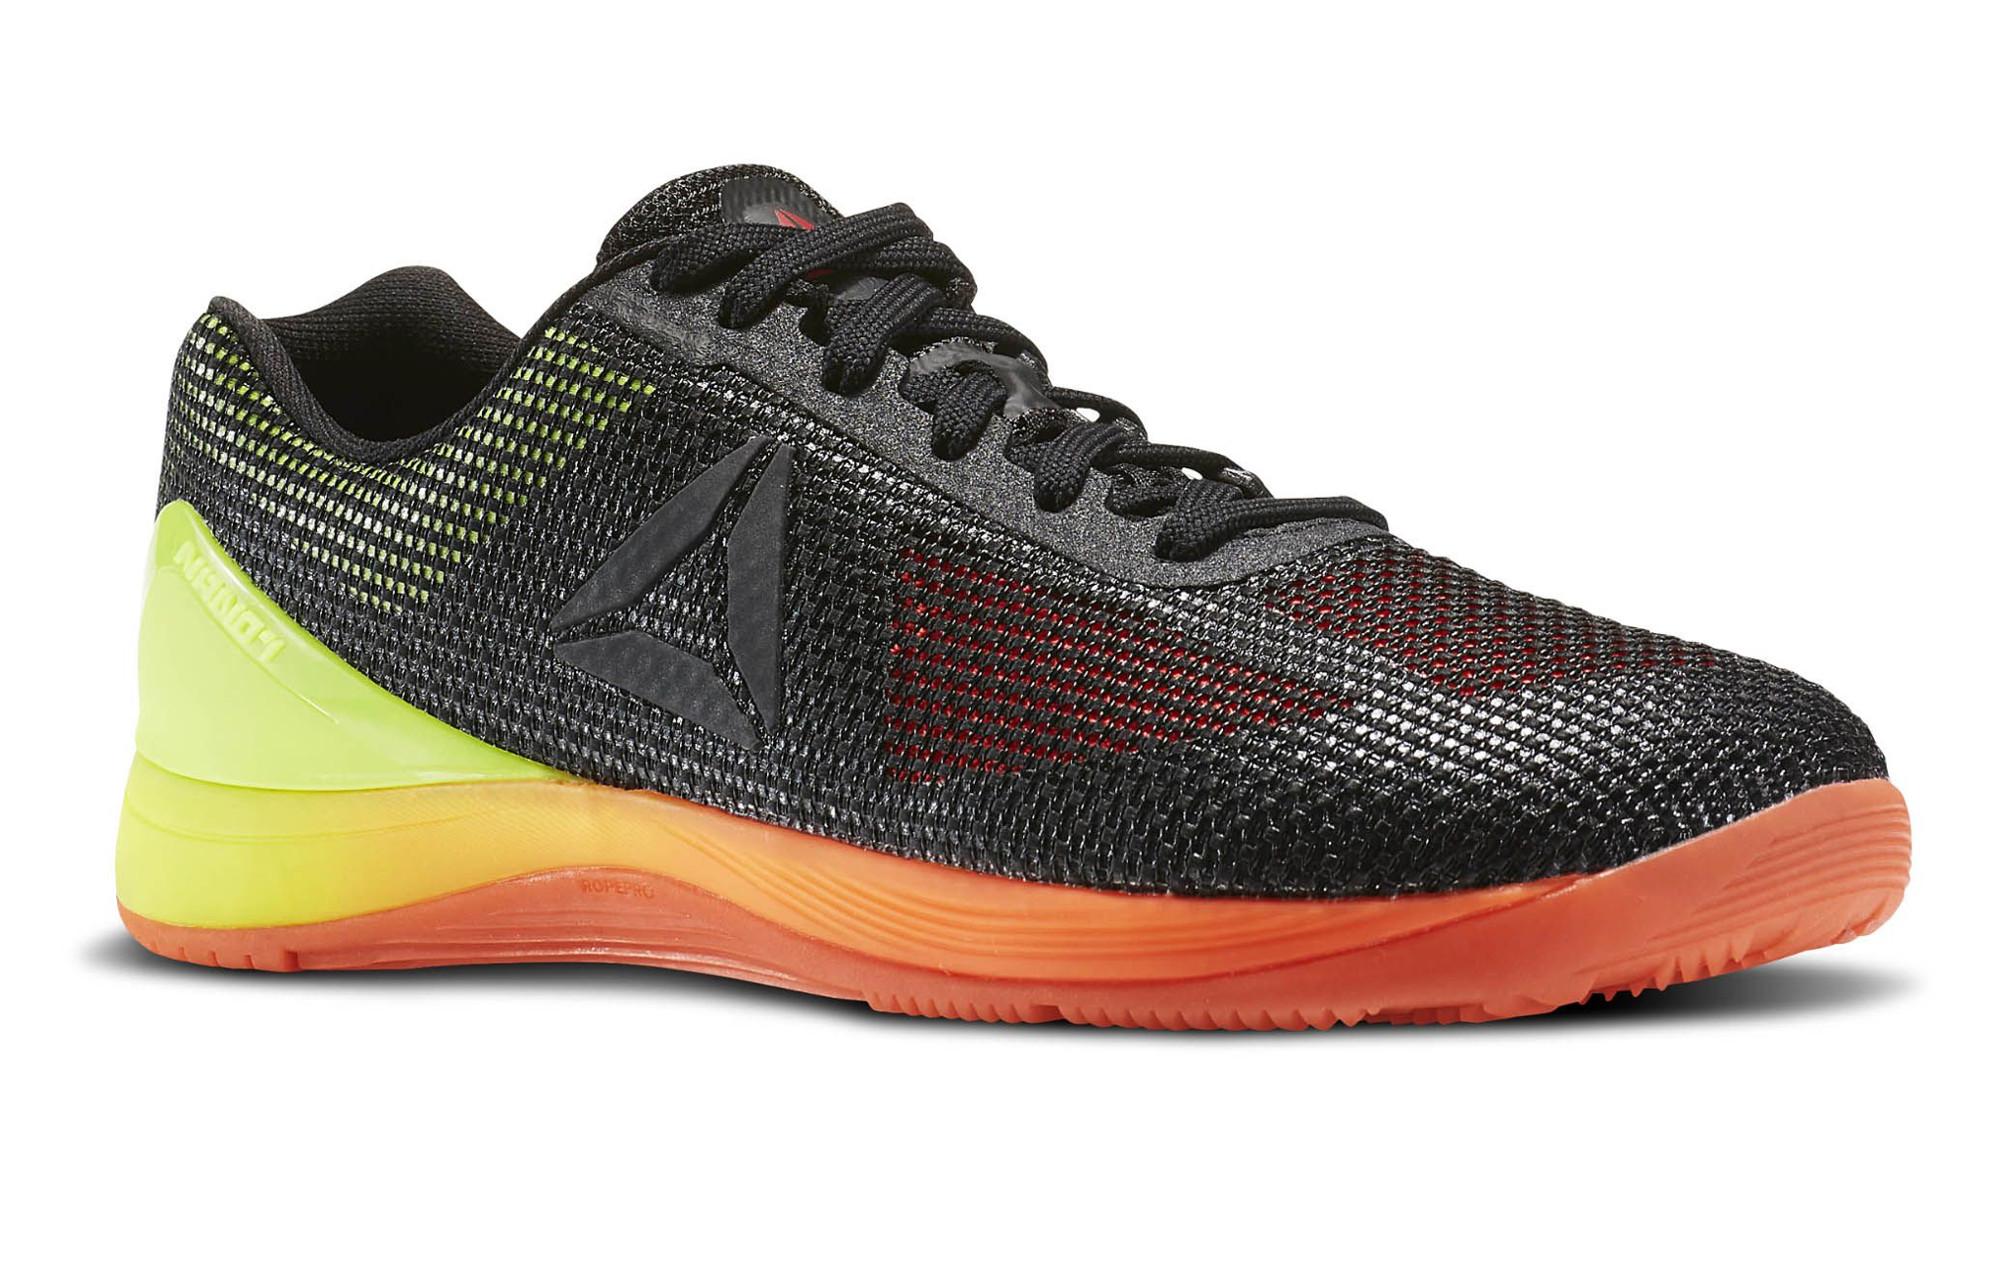 8a4683990588e Chaussures de Cross Training Reebok Crossfit Nano 7.0 Noir   Jaune   Orange